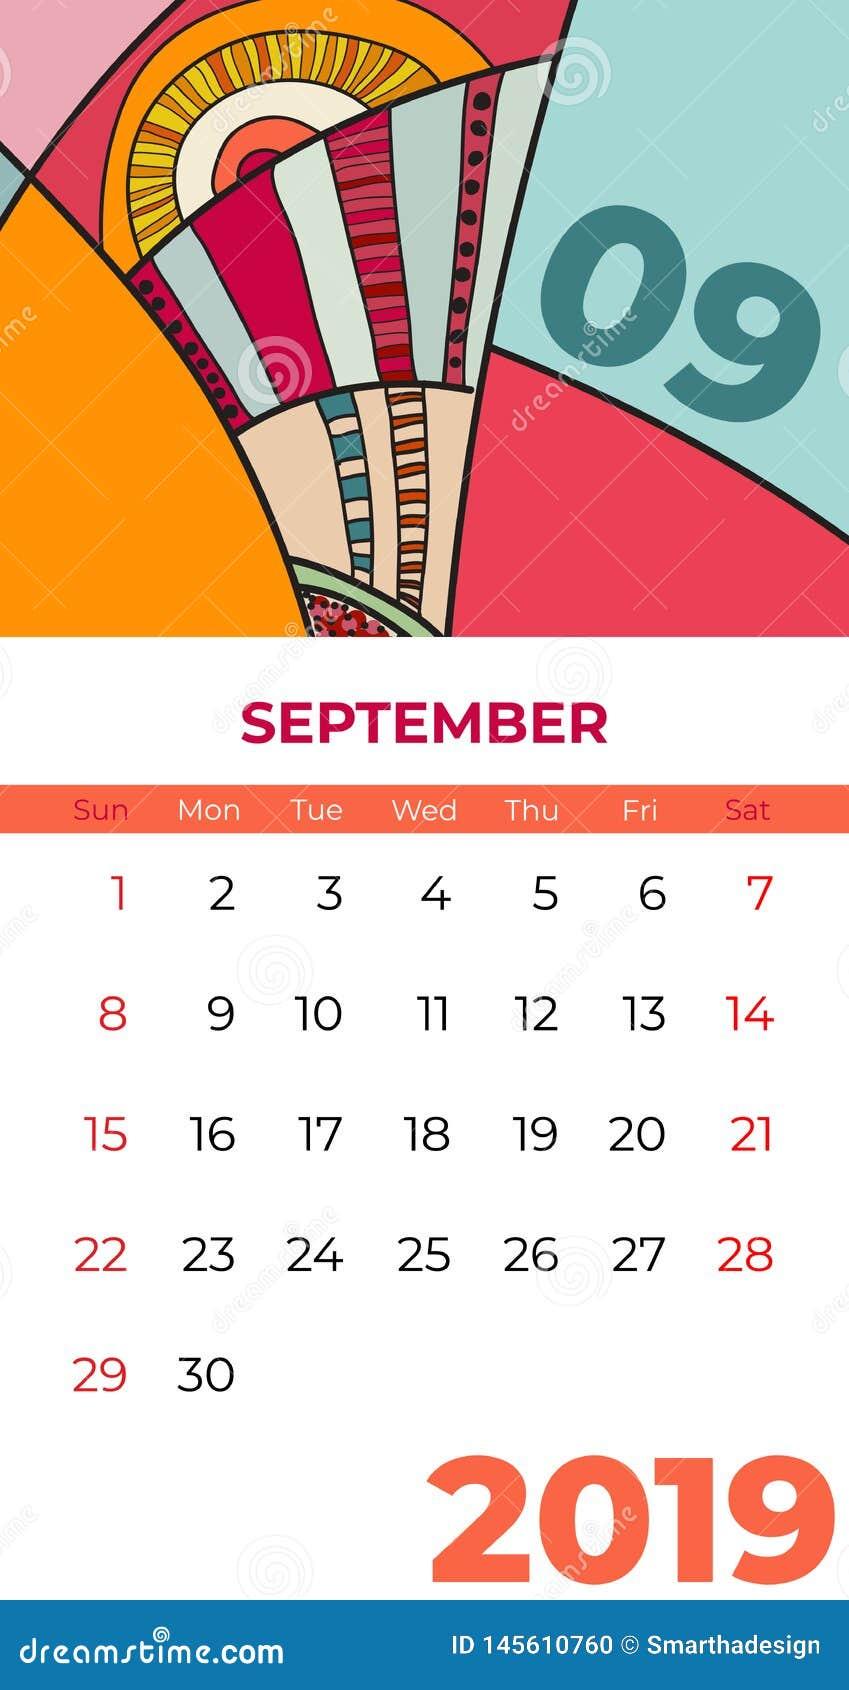 2019 Wrze?nia kalendarza dzisiejszej ustawy abstrakcjonistyczny wektor Biurko, ekran, desktop miesi?c 09,2019, kolorowi 2019 kale